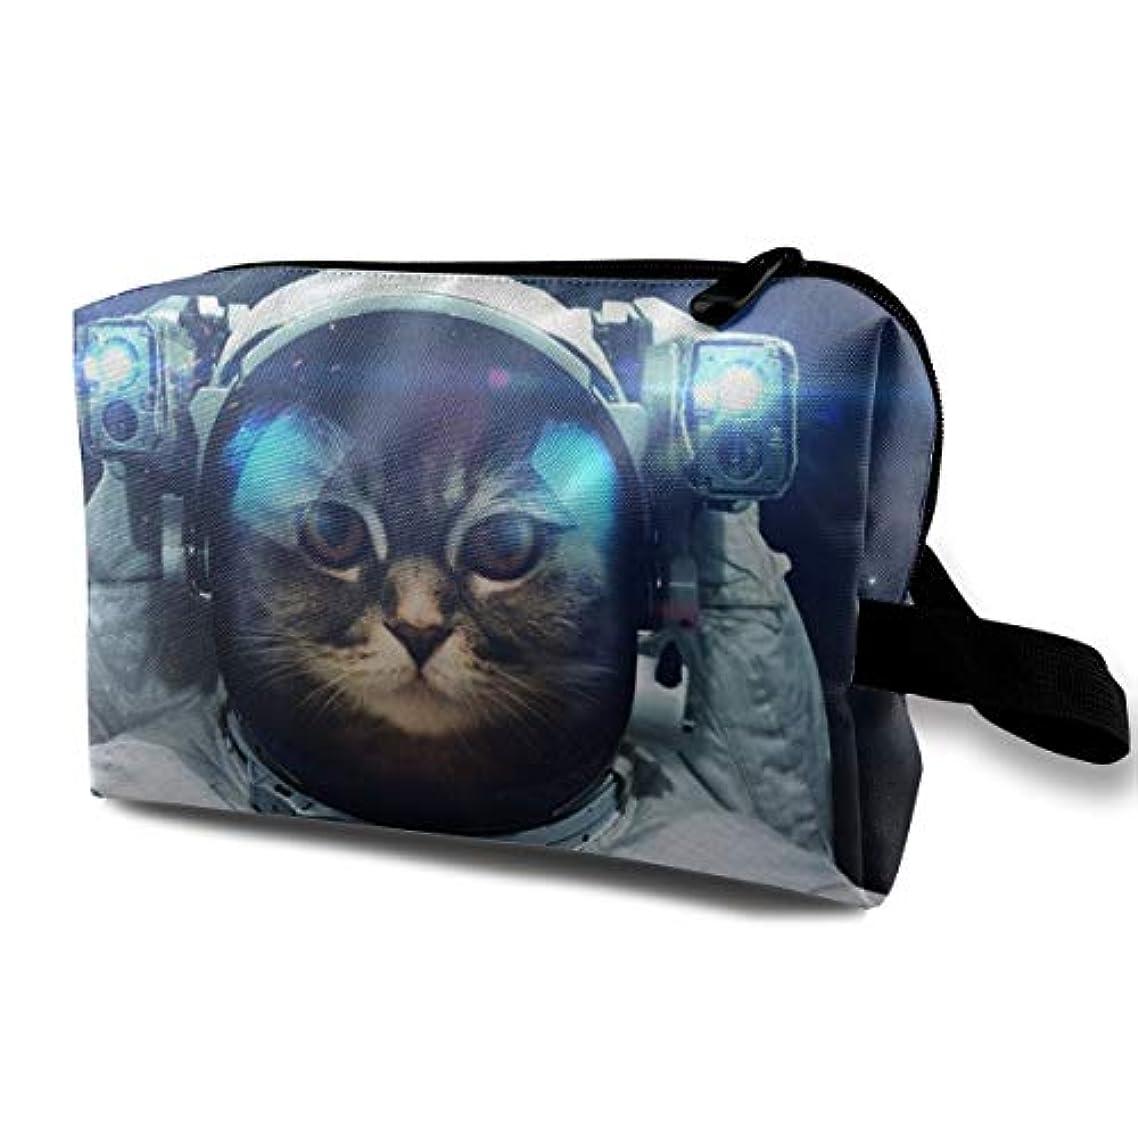 マルコポーロ大胆な不機嫌そうなAstronaut Cat Nebula 収納ポーチ 化粧ポーチ 大容量 軽量 耐久性 ハンドル付持ち運び便利。入れ 自宅?出張?旅行?アウトドア撮影などに対応。メンズ レディース トラベルグッズ